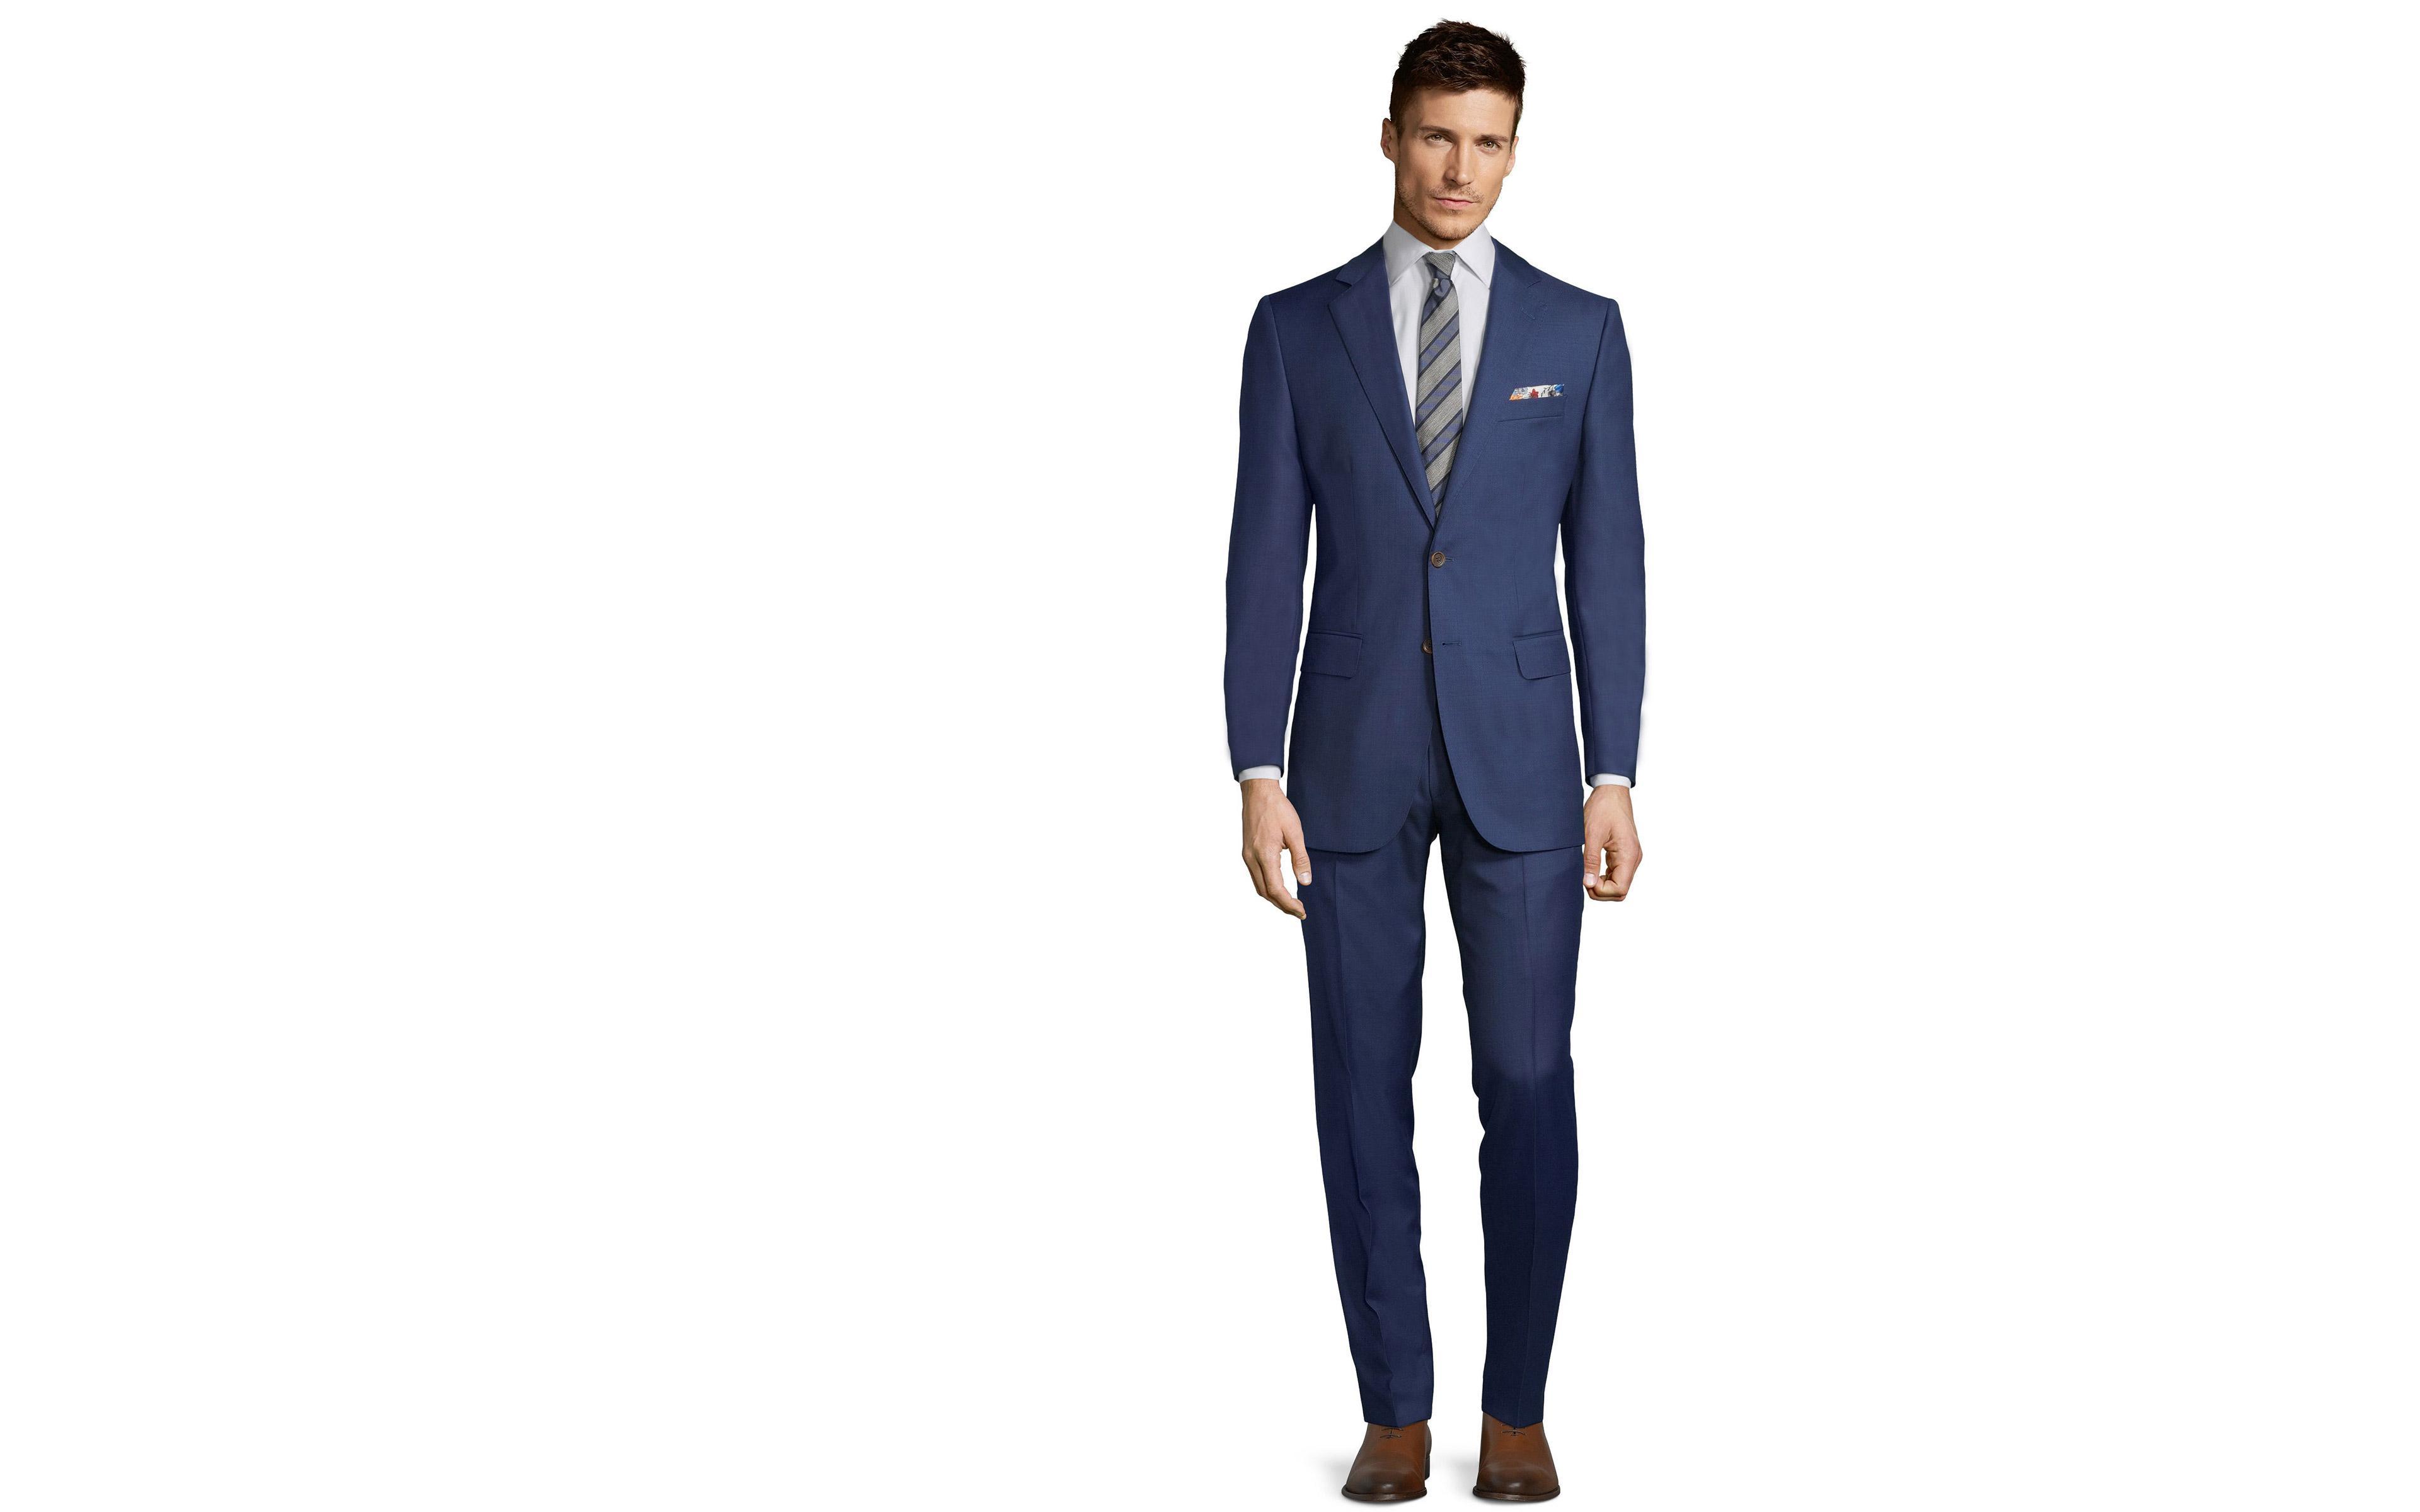 Suit in Intense Blue Pick & Pick Wool